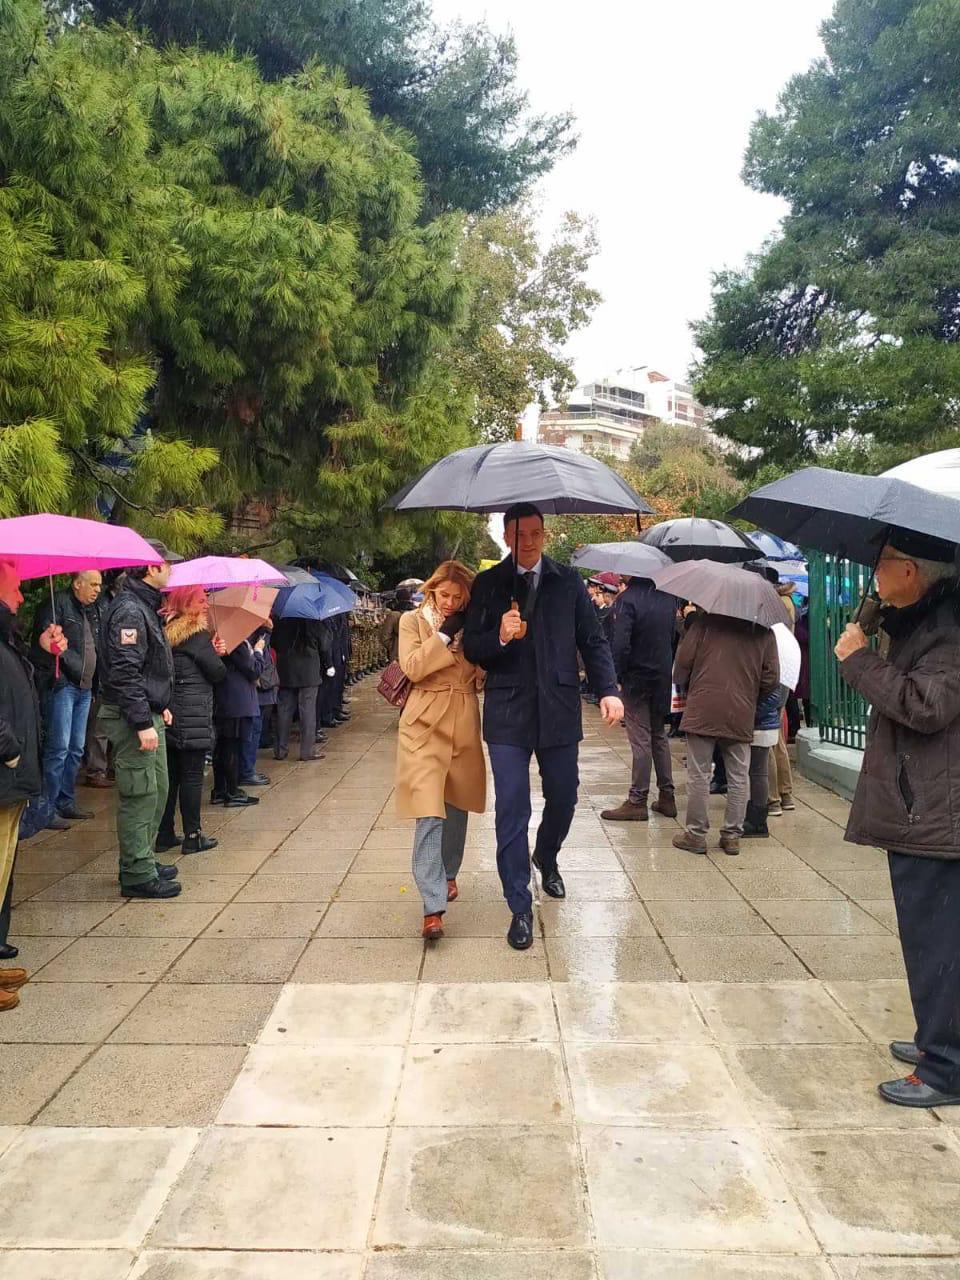 Βασίλης Κικίλιας και Τζένη Μπαλατσινού στην τελετή αγιασμού των υδάτων στη Δεξαμενή Κολωνακίου